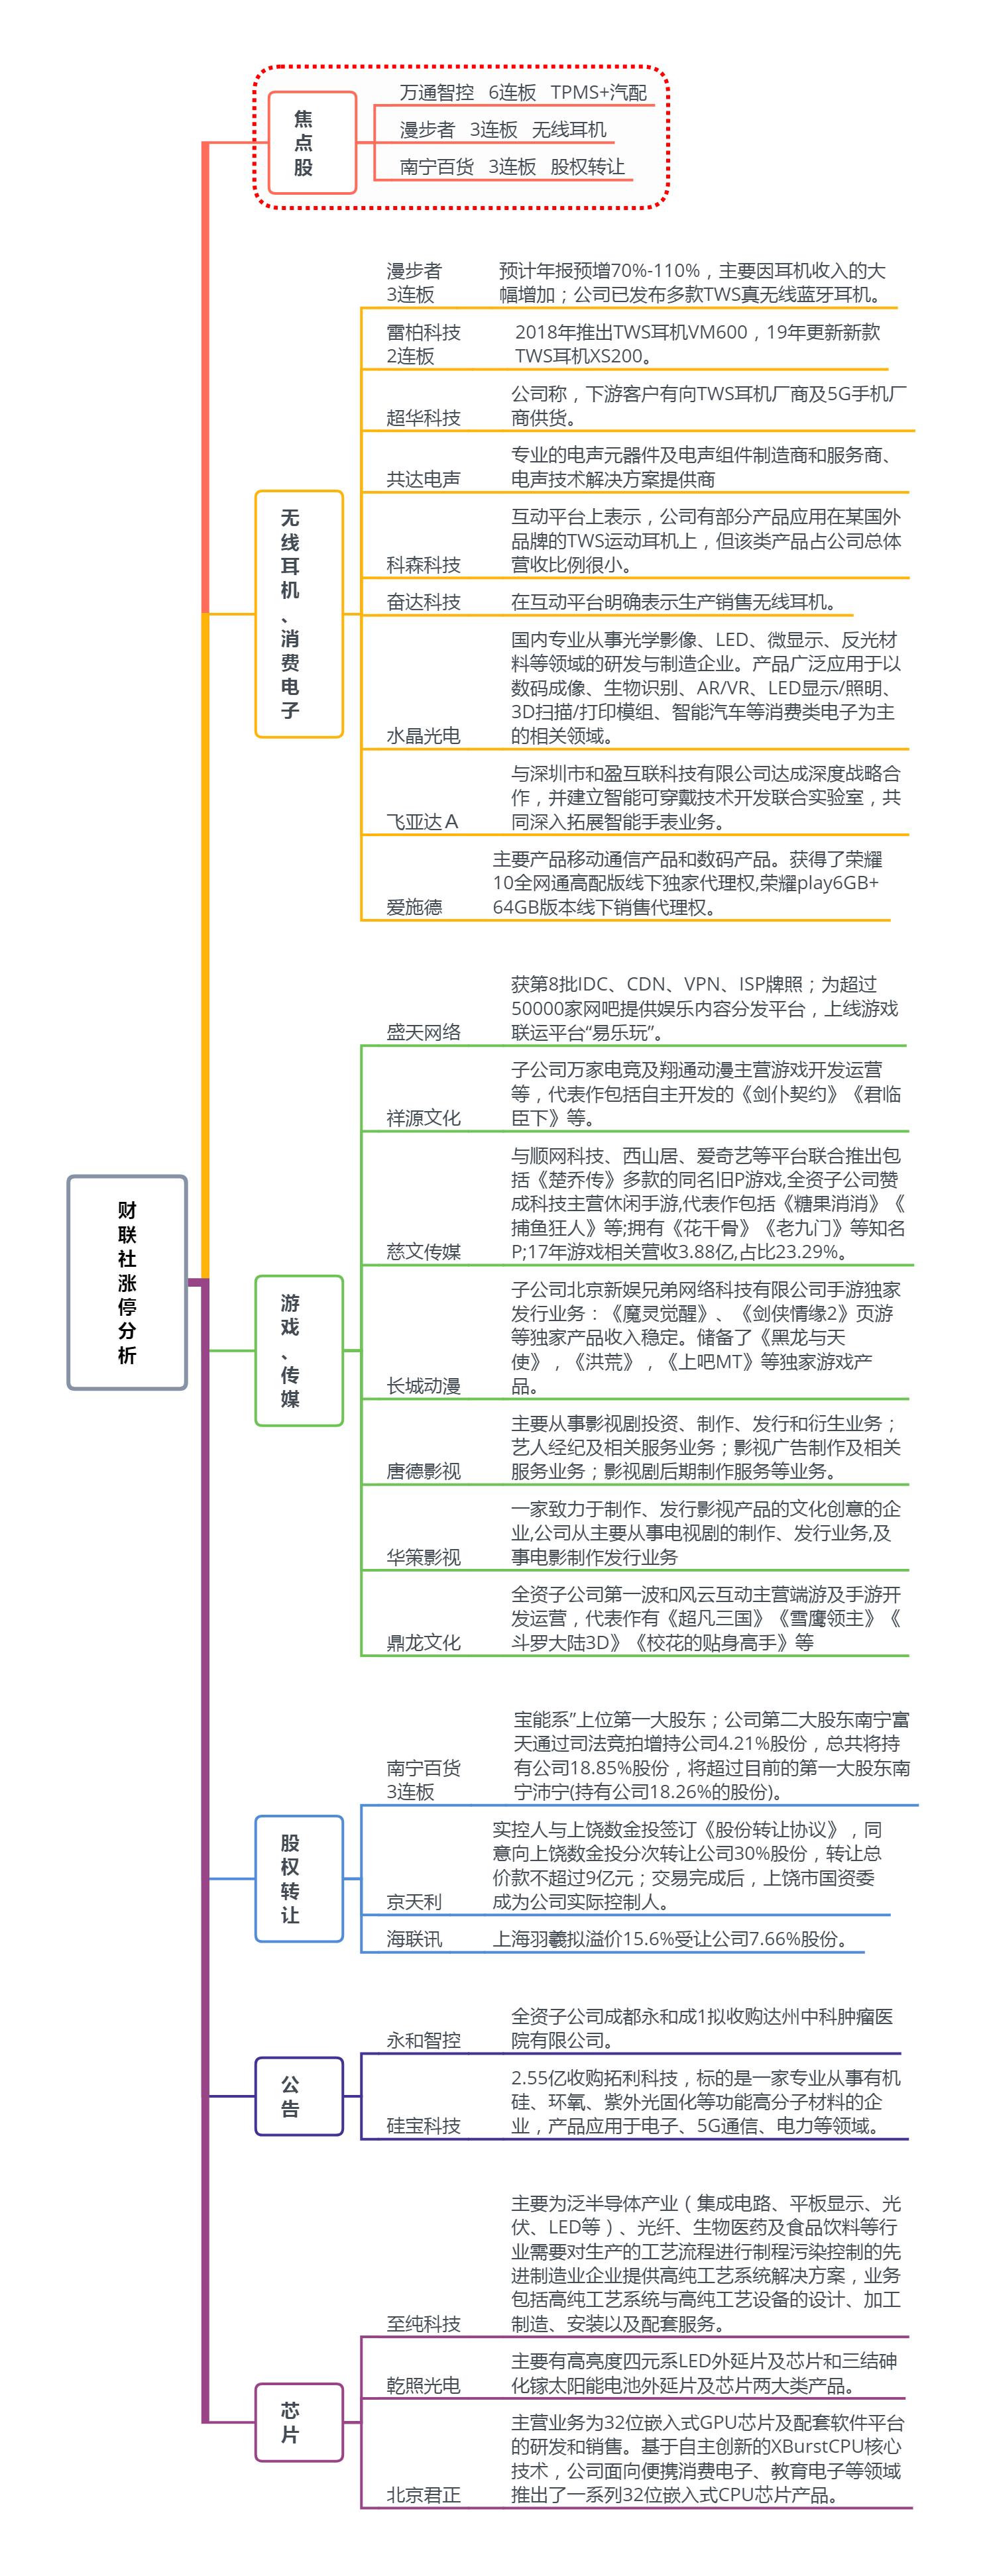 【焦点复盘】科技股持续活跃 沪指5连阳